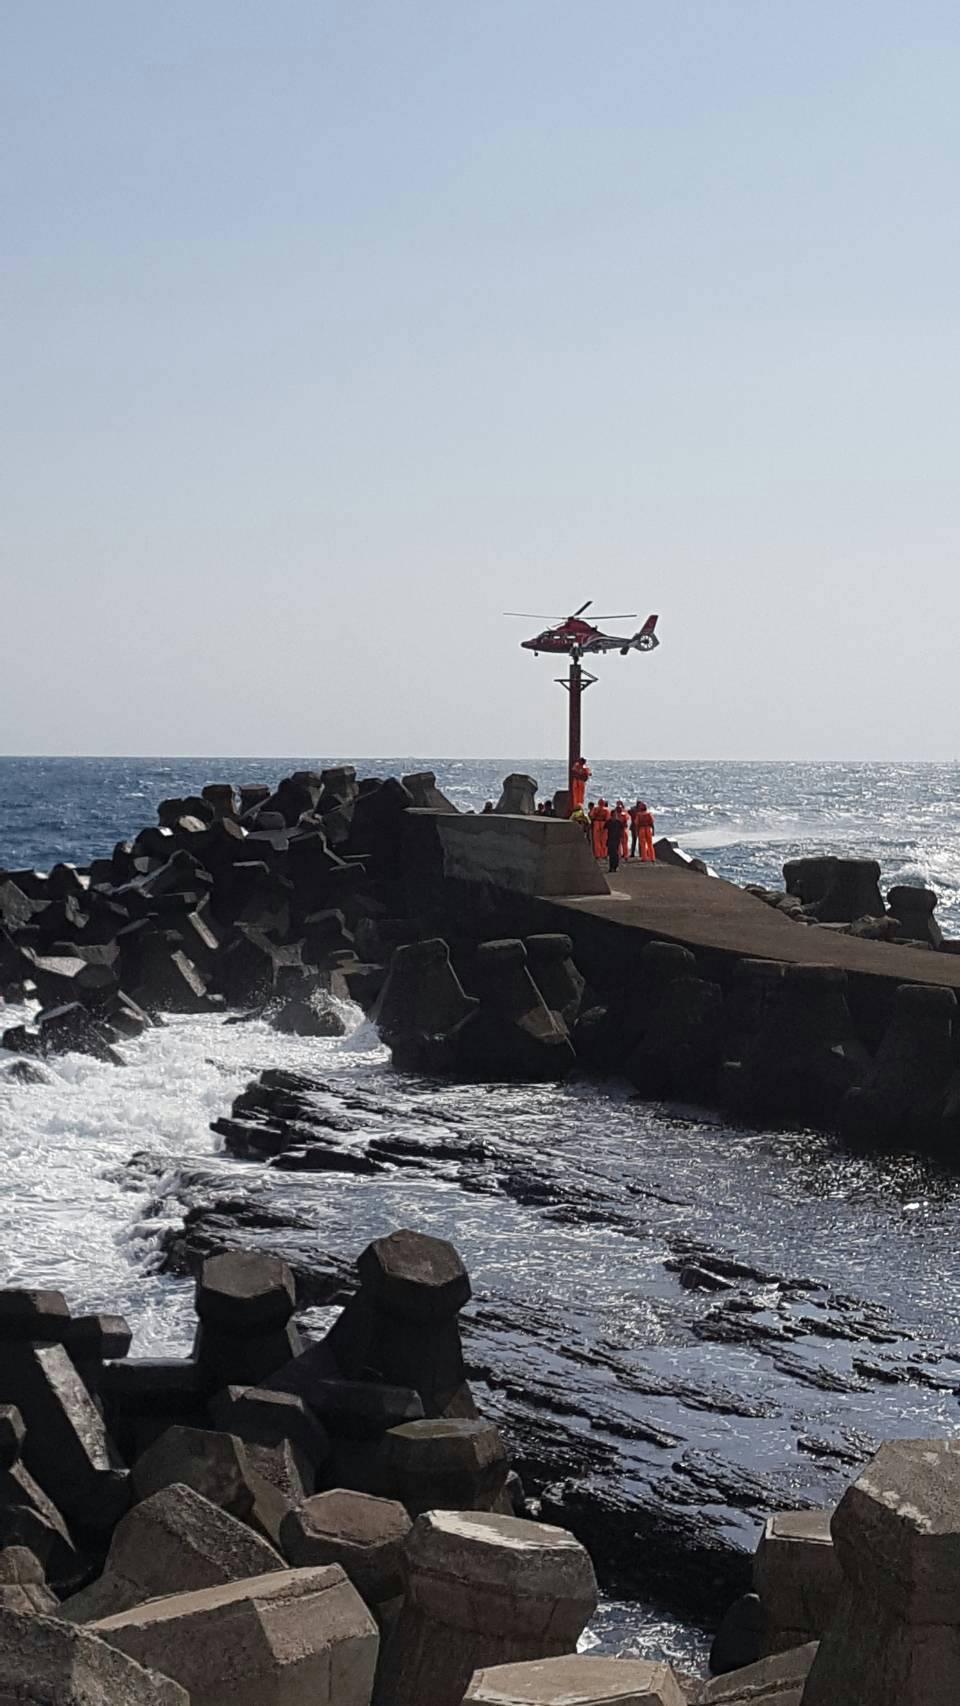 貢寮一名釣客落海,上午直升機尋獲吊上岸。記者游明煌/翻攝